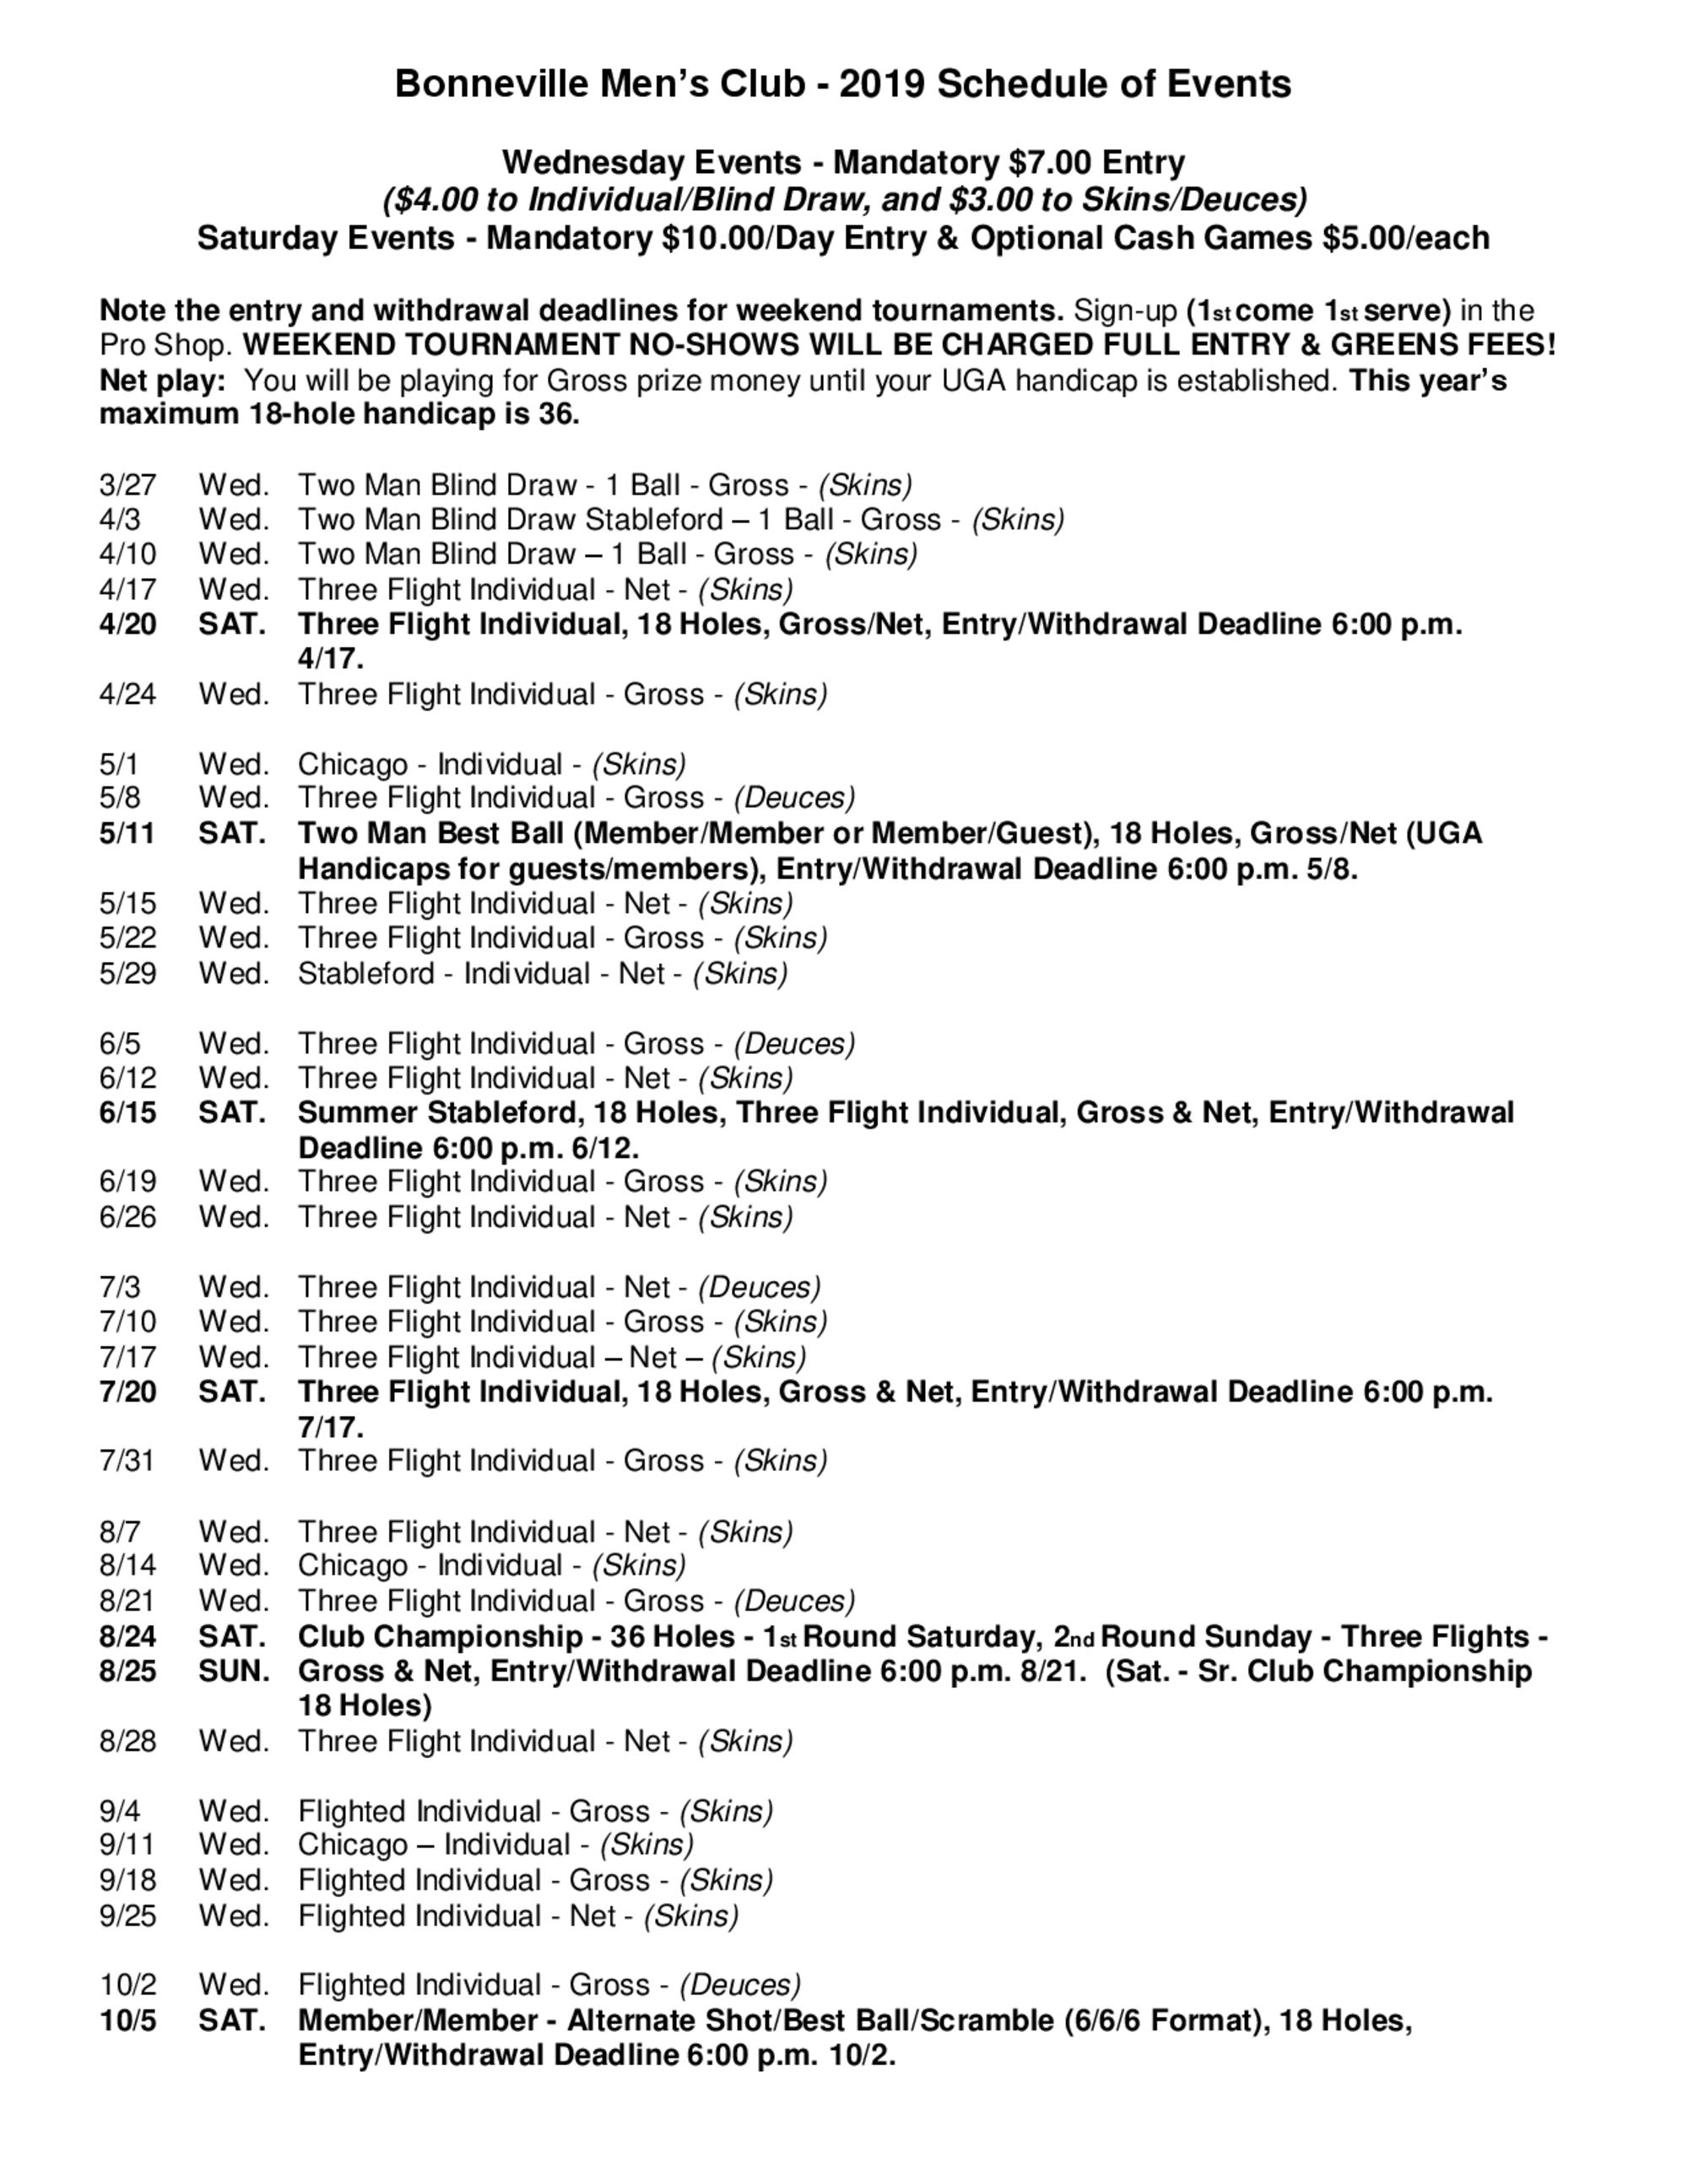 2019 schedule 1